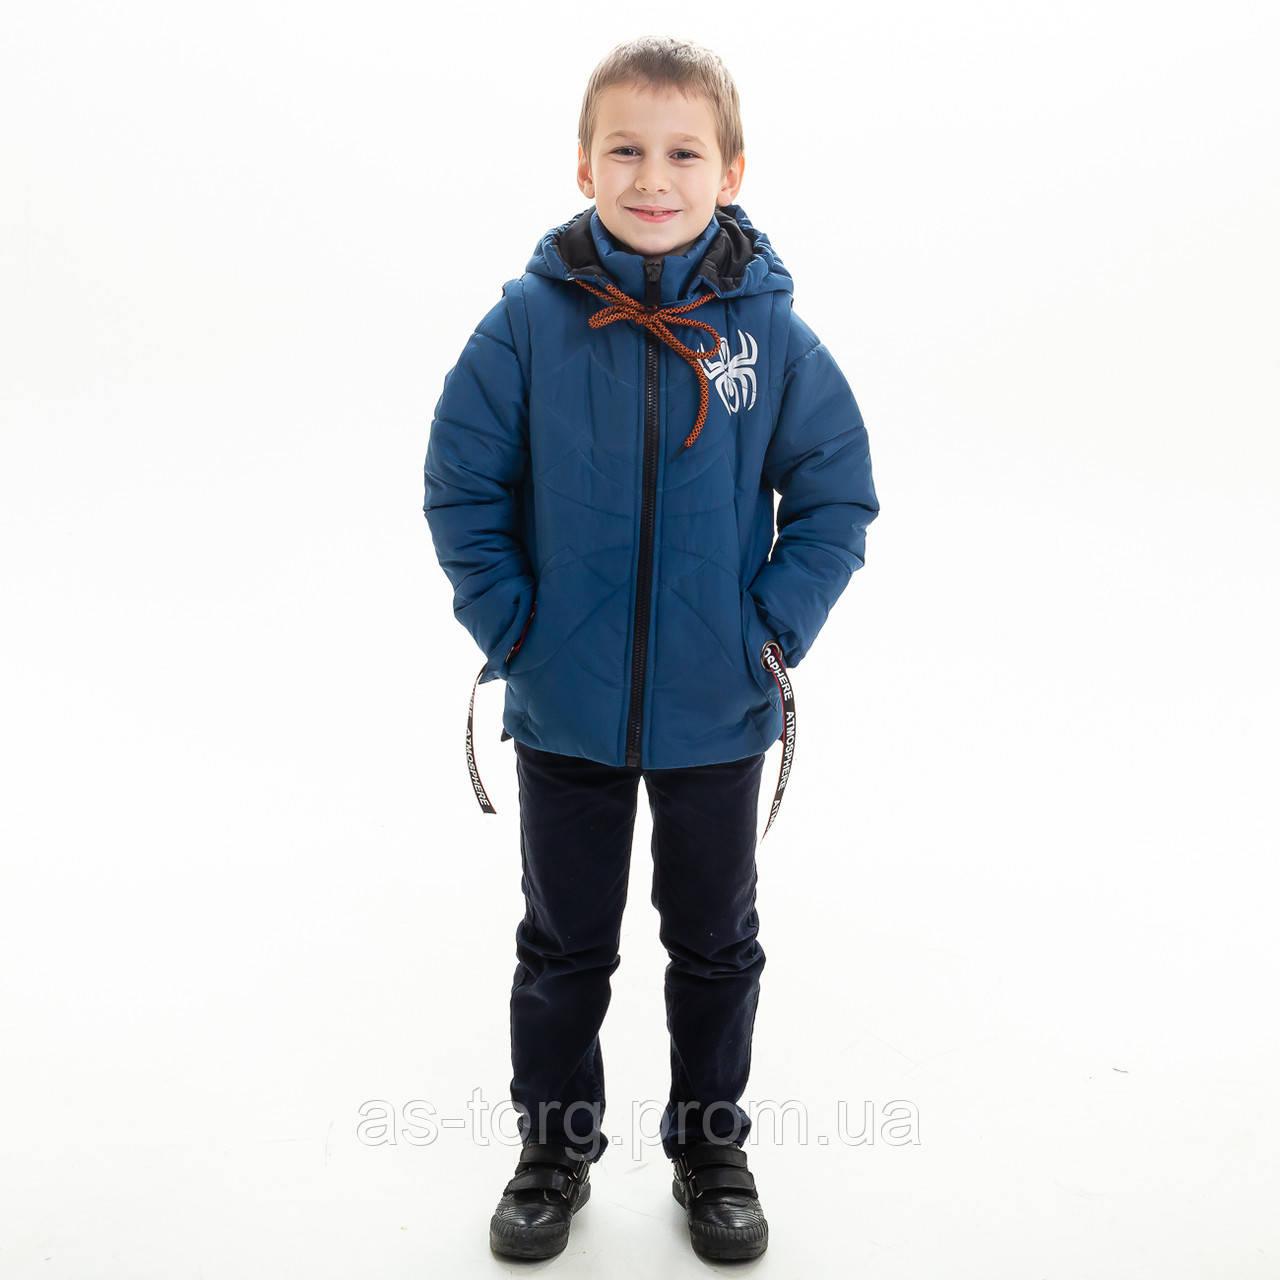 Куртка-жилет для мальчика «Паук» р.24